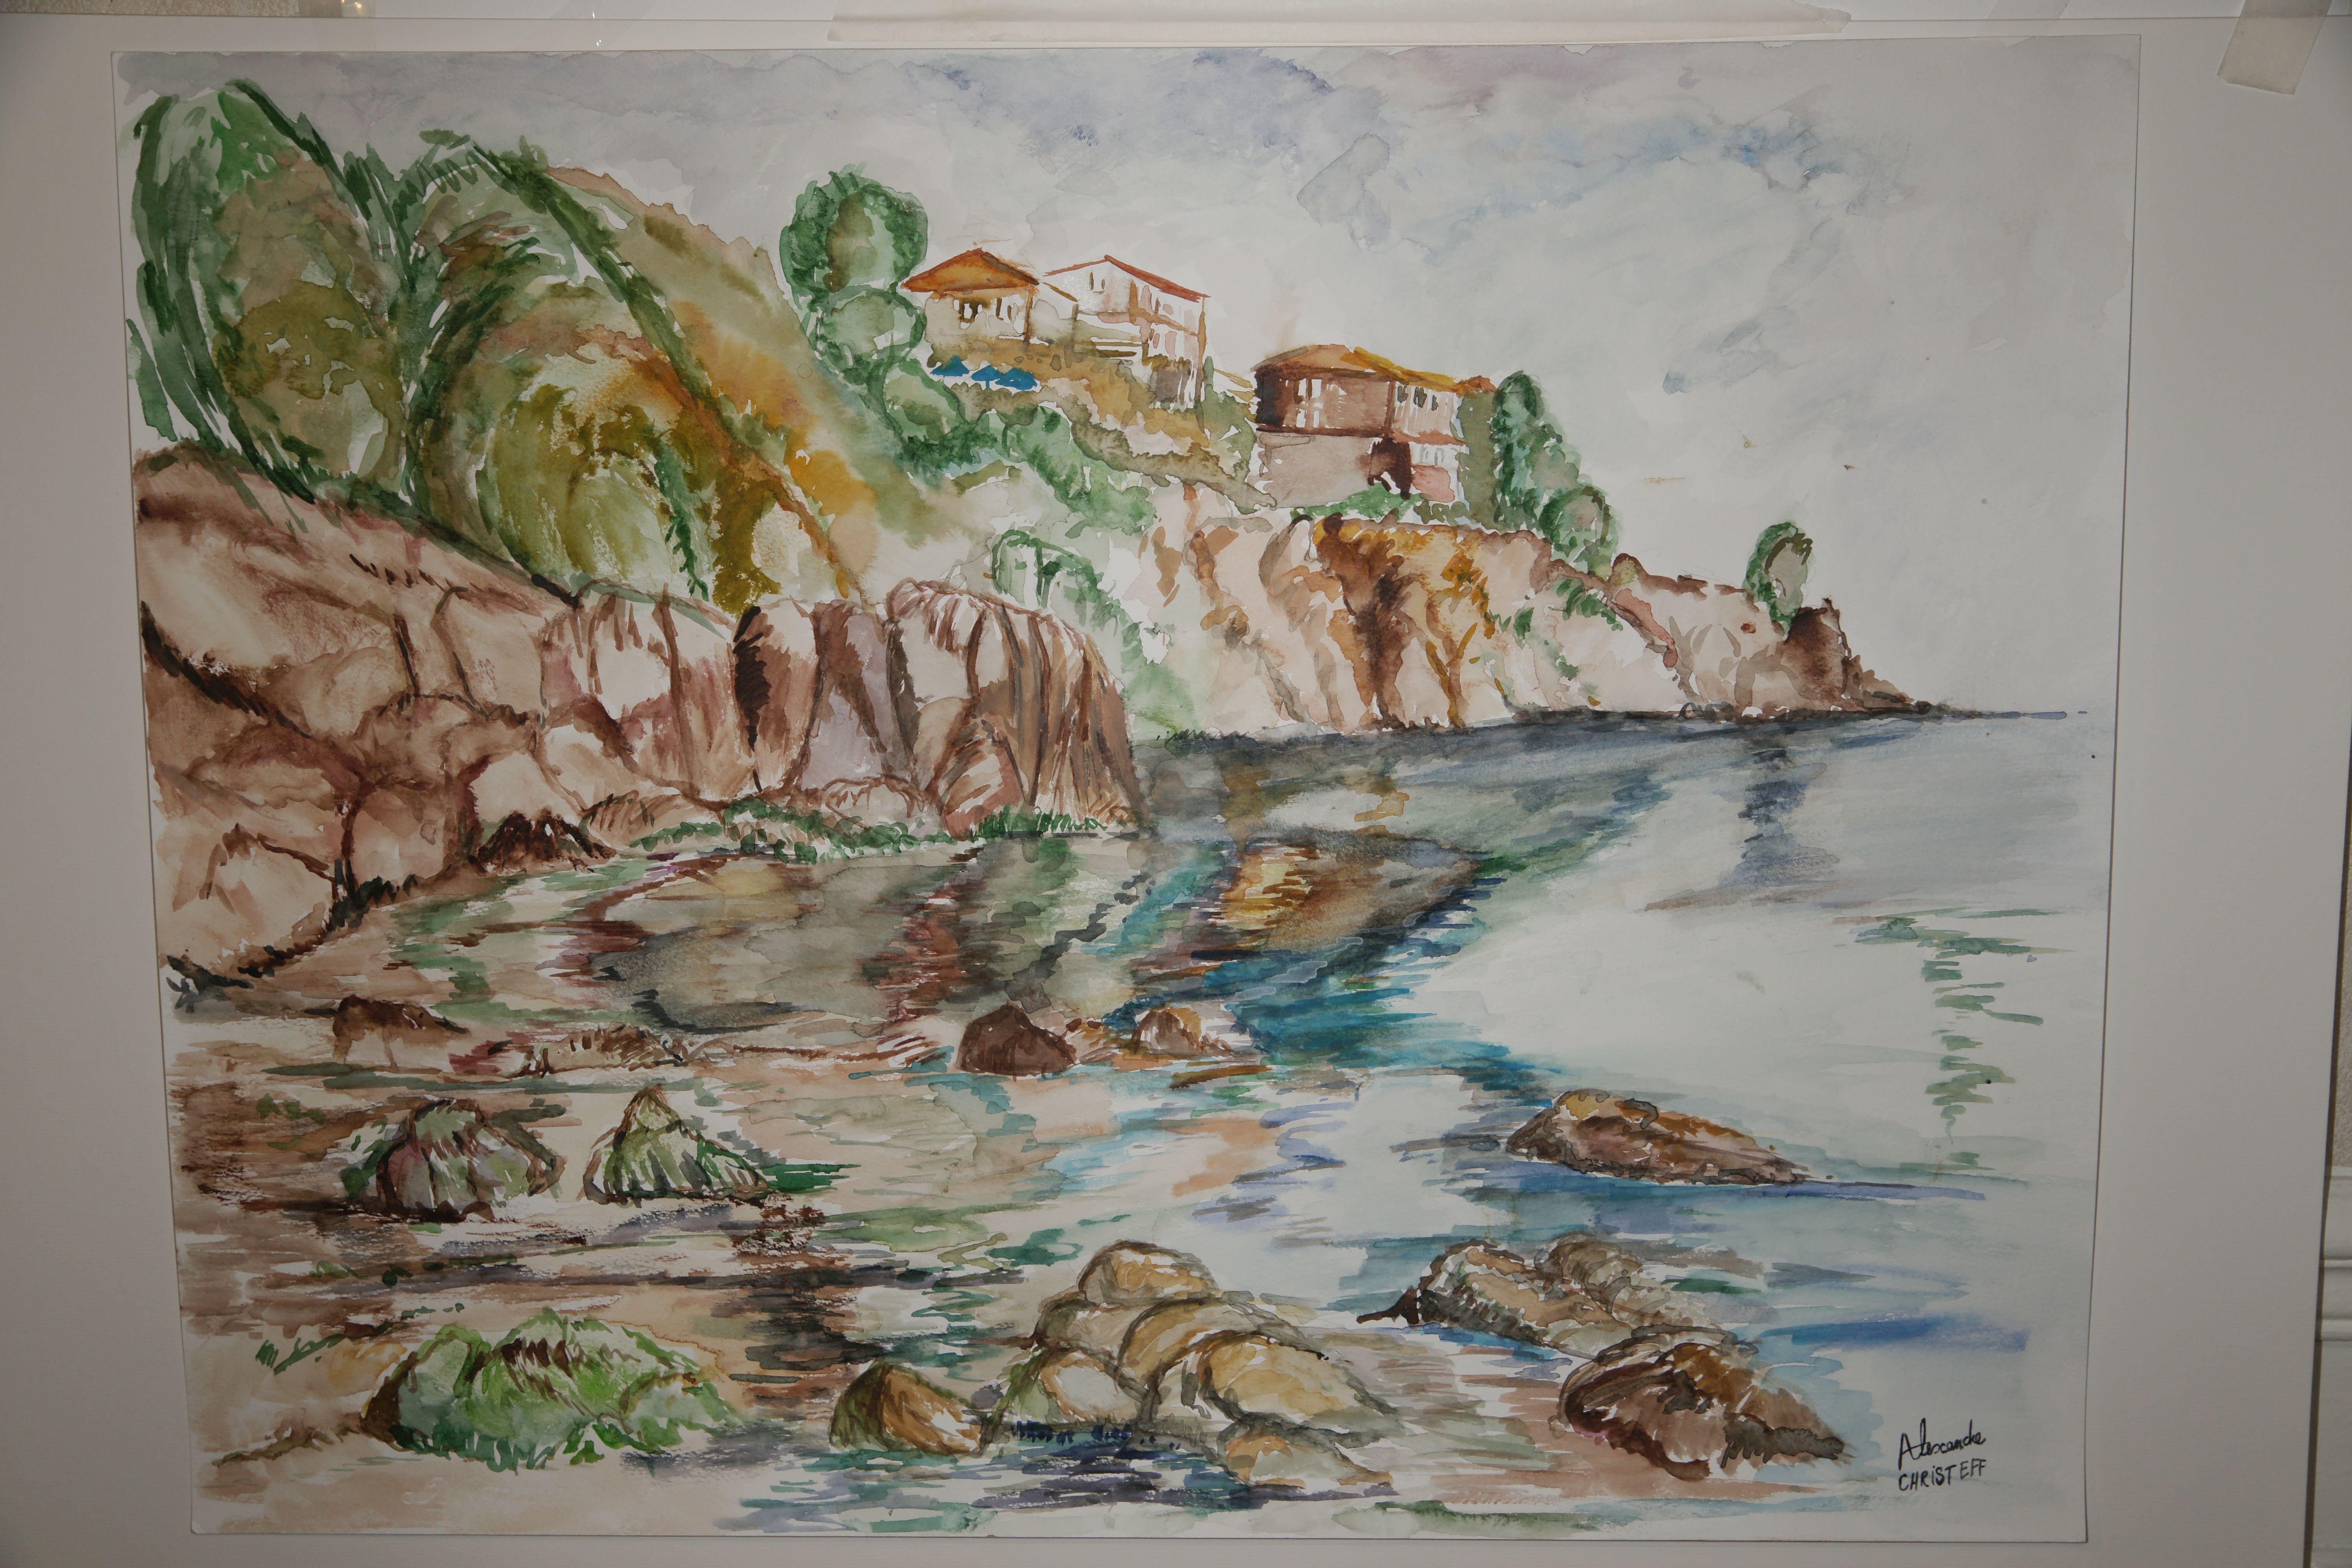 Epingle Par Christeff Sur Paysages Acrylique Huile Et Aquarelle En